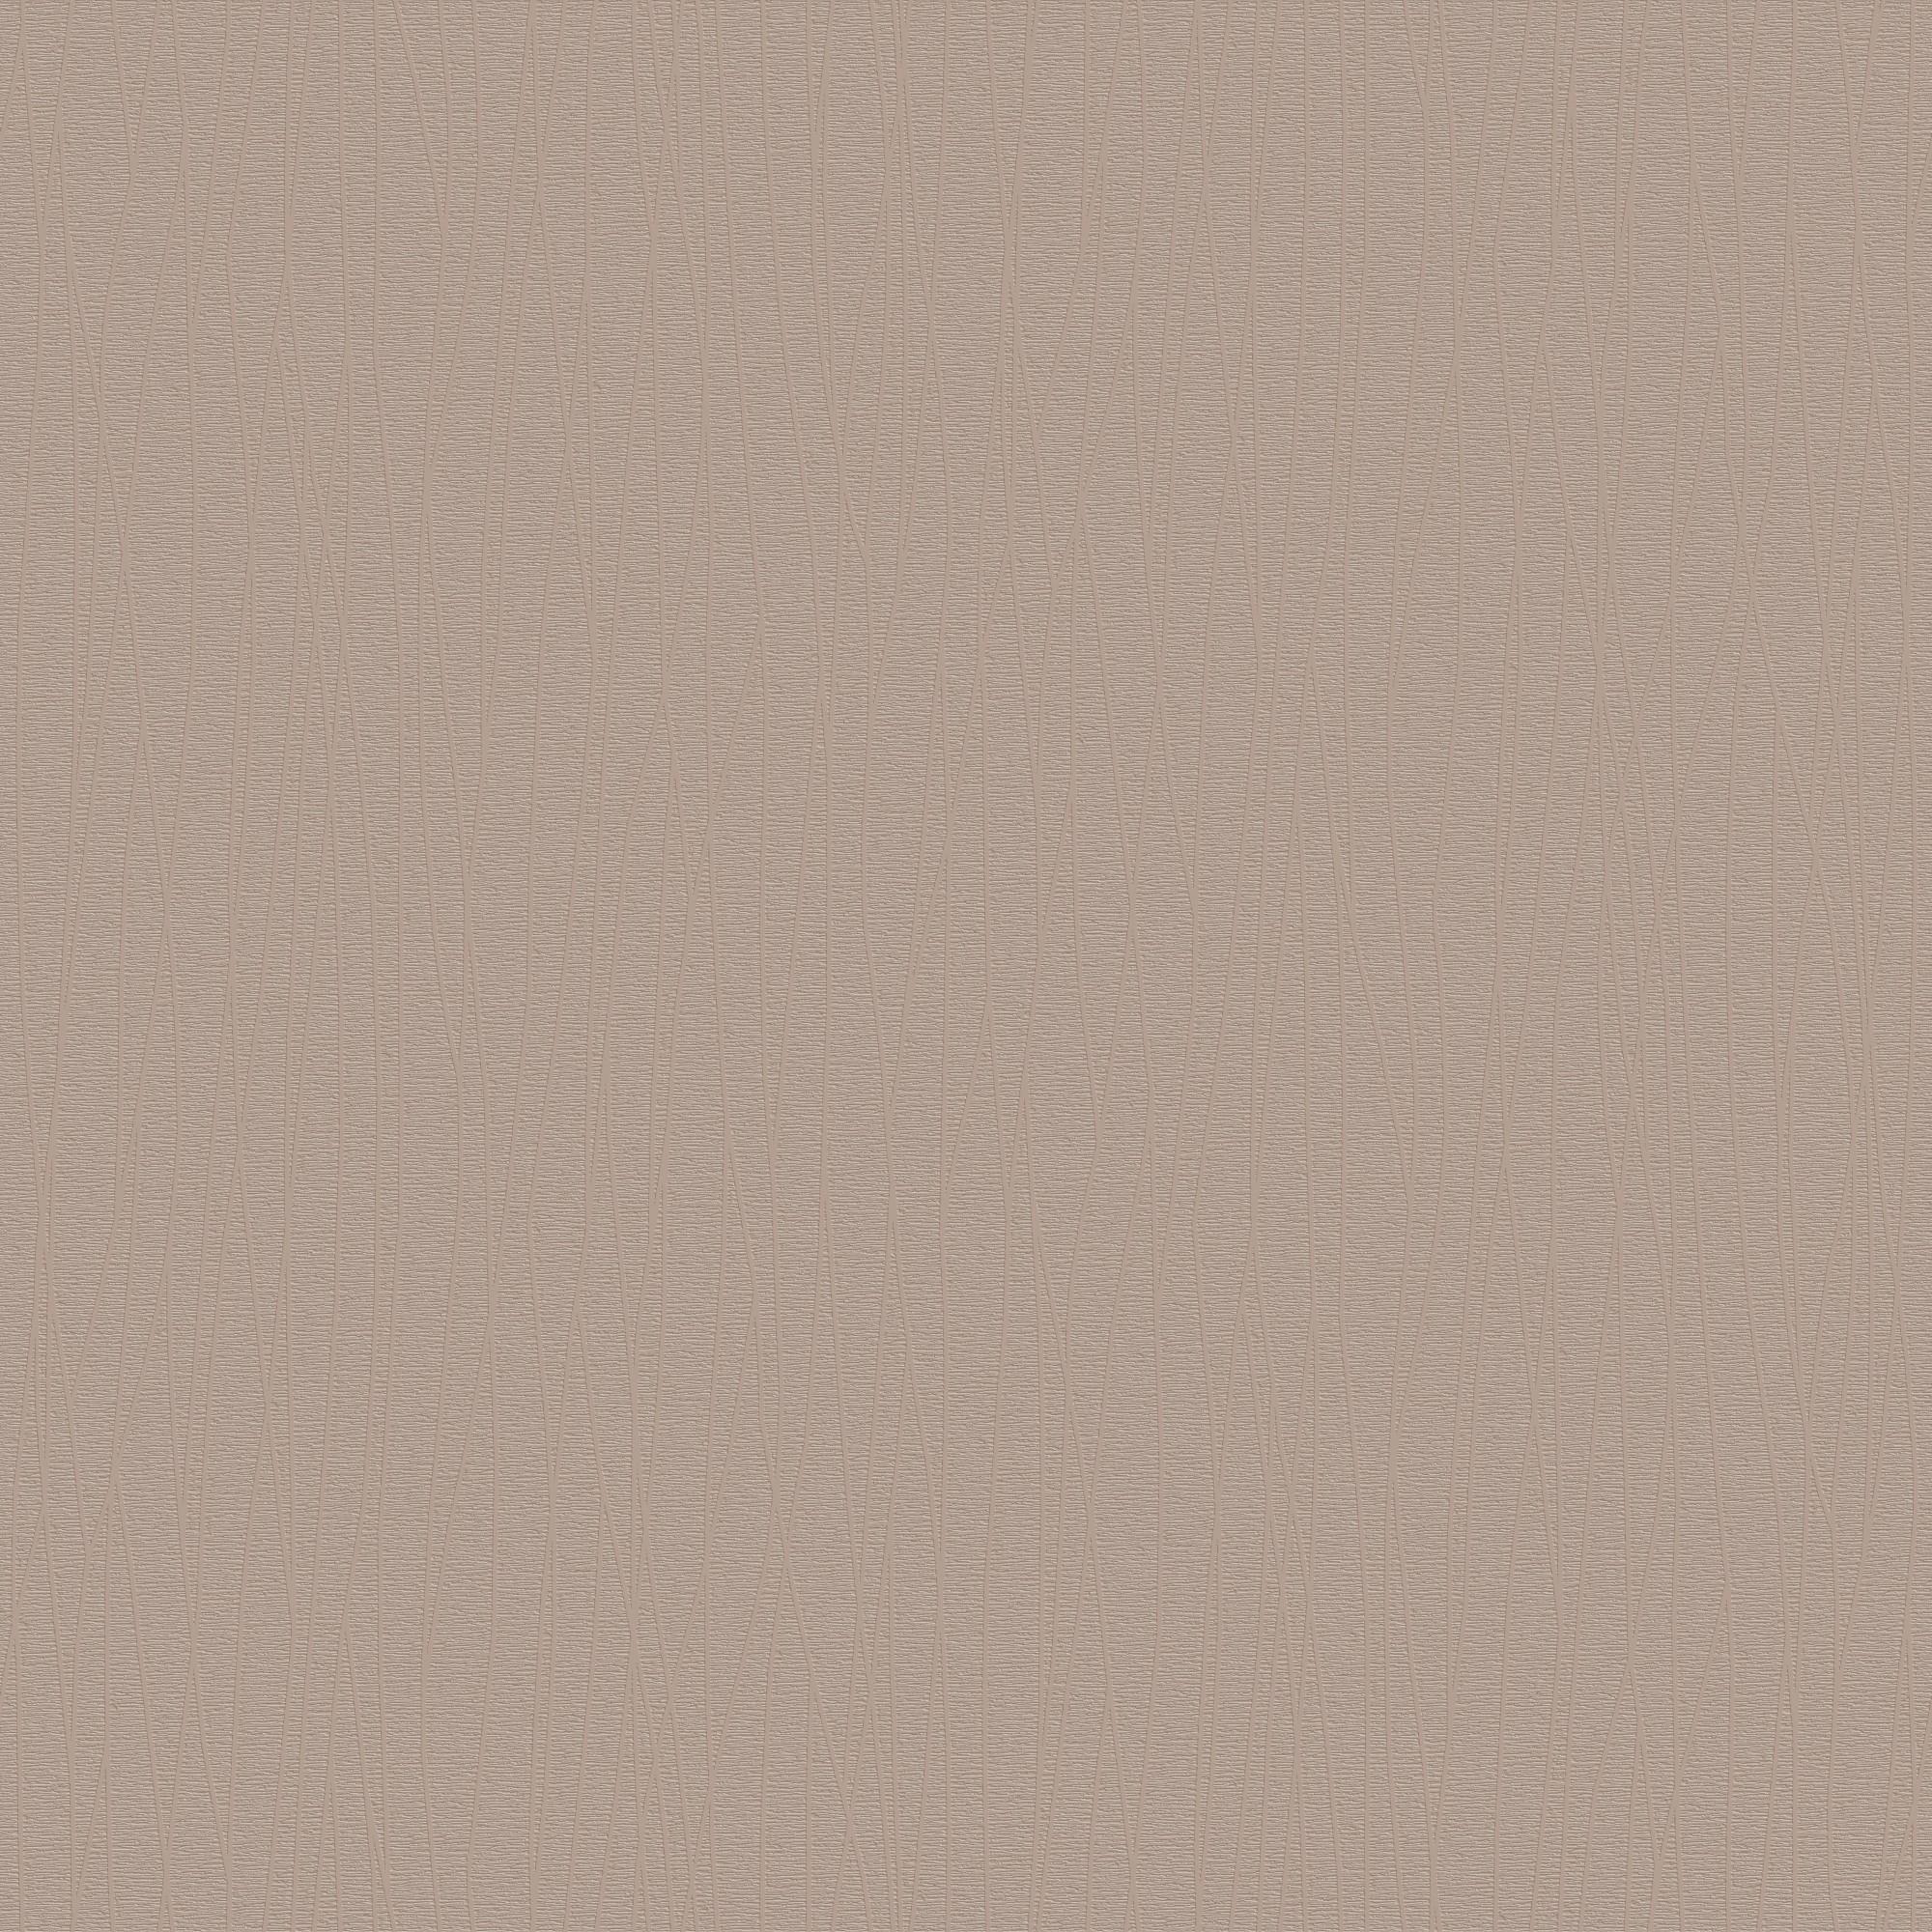 Papel de Parede 53cm x 10m PVC Texturizado Ewiniar 1587 - Jolie